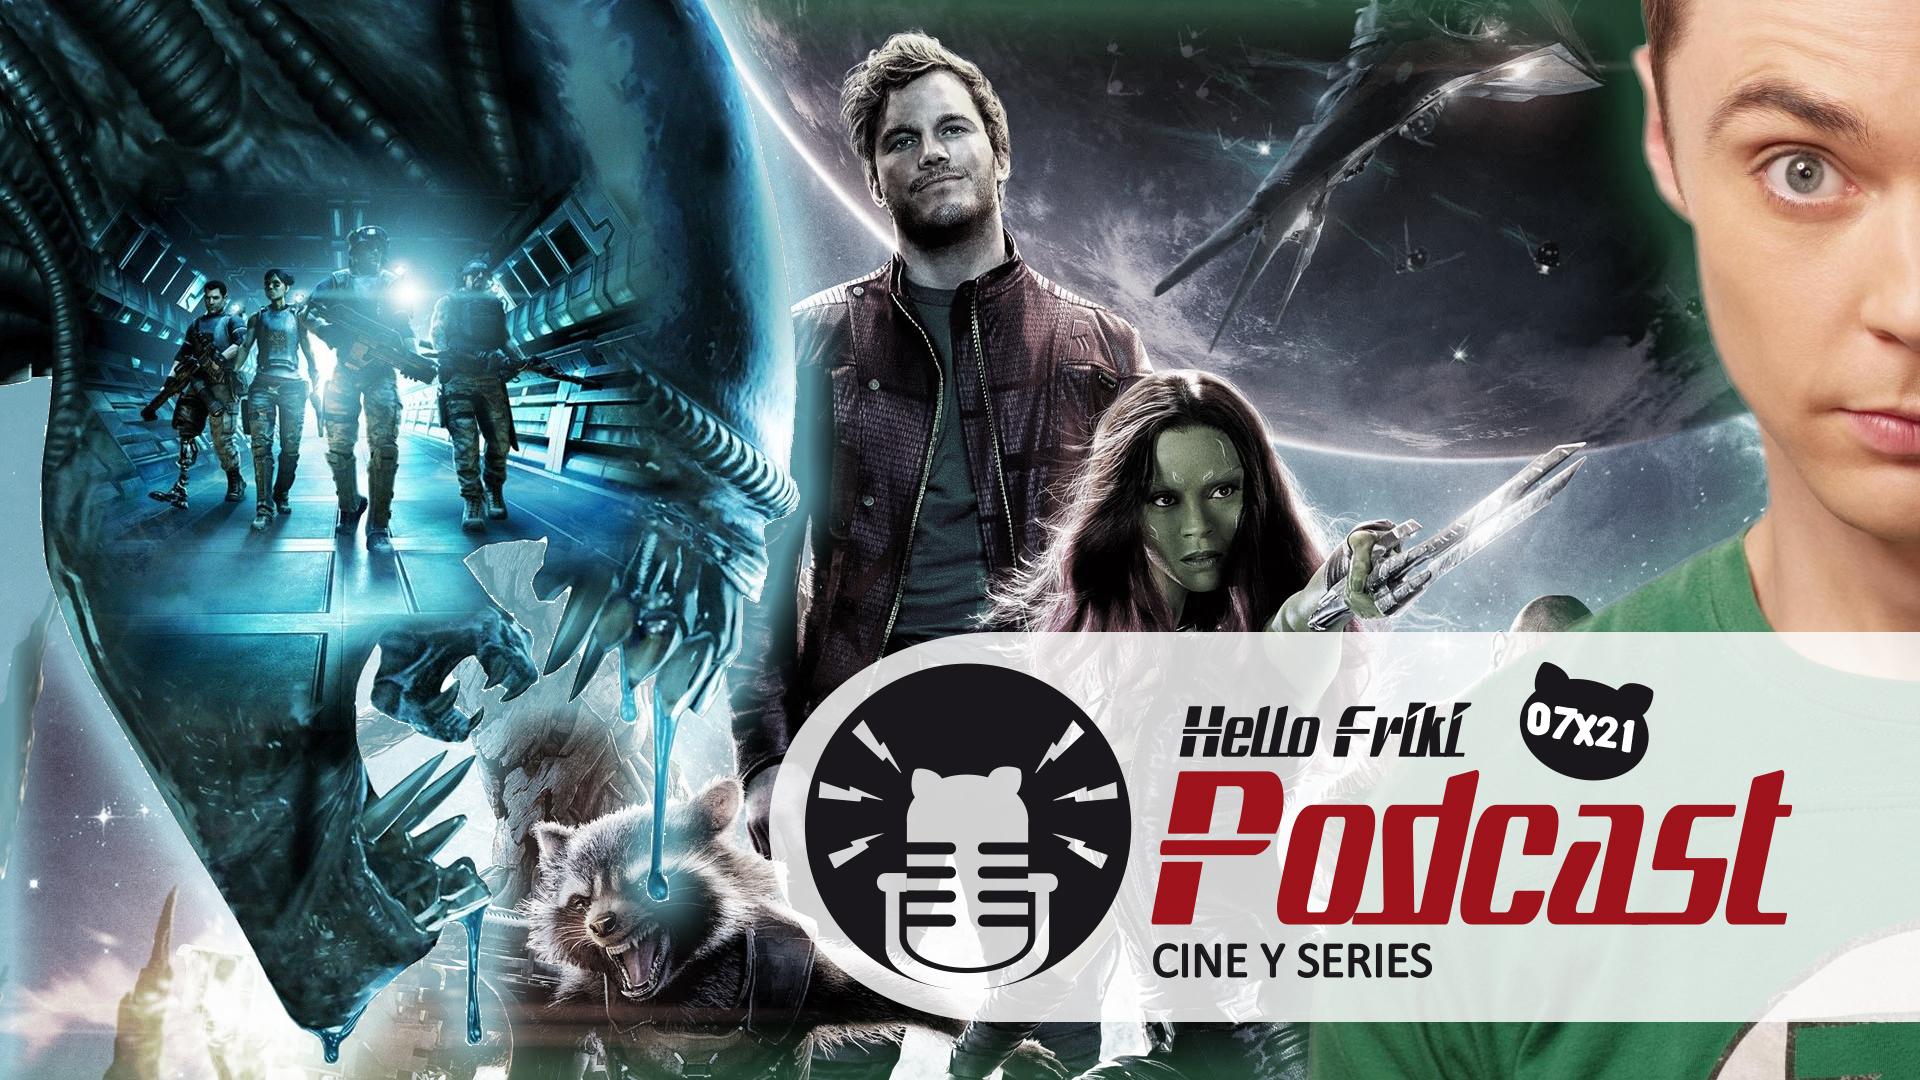 HF 7x21 Cine y Series: Alien Covenant, K-Pax, Supergirl...